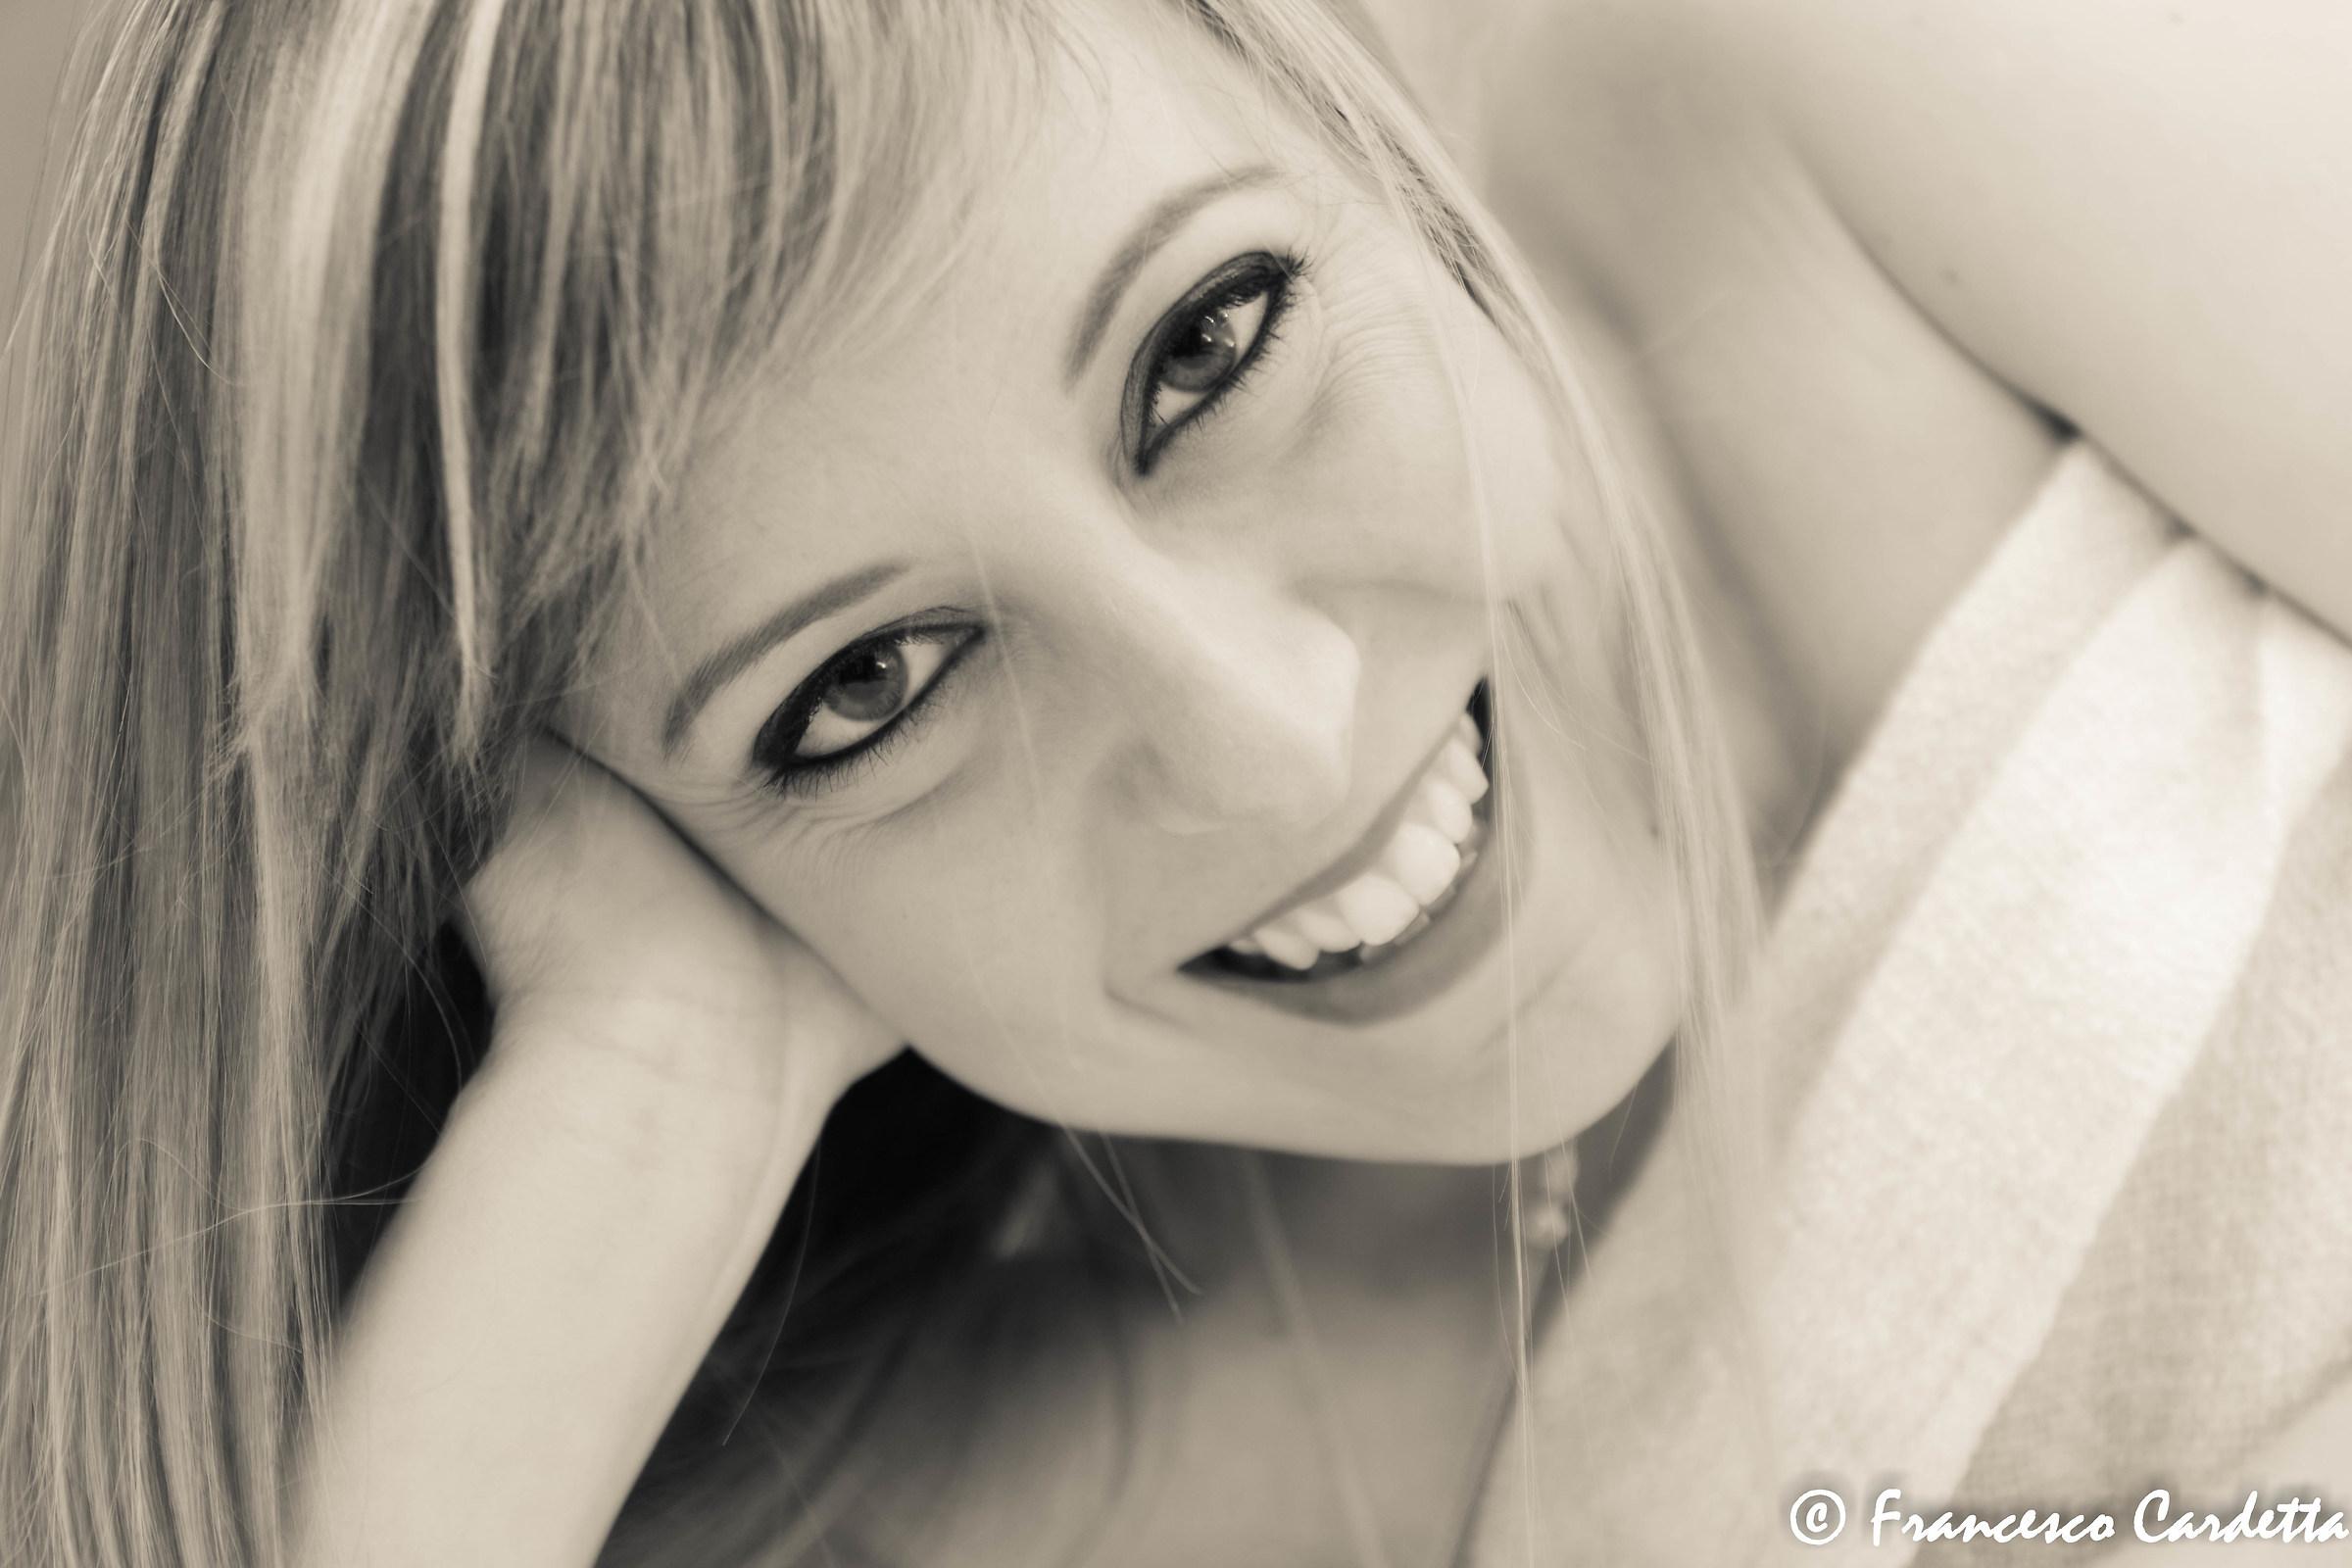 Alexia smile!...